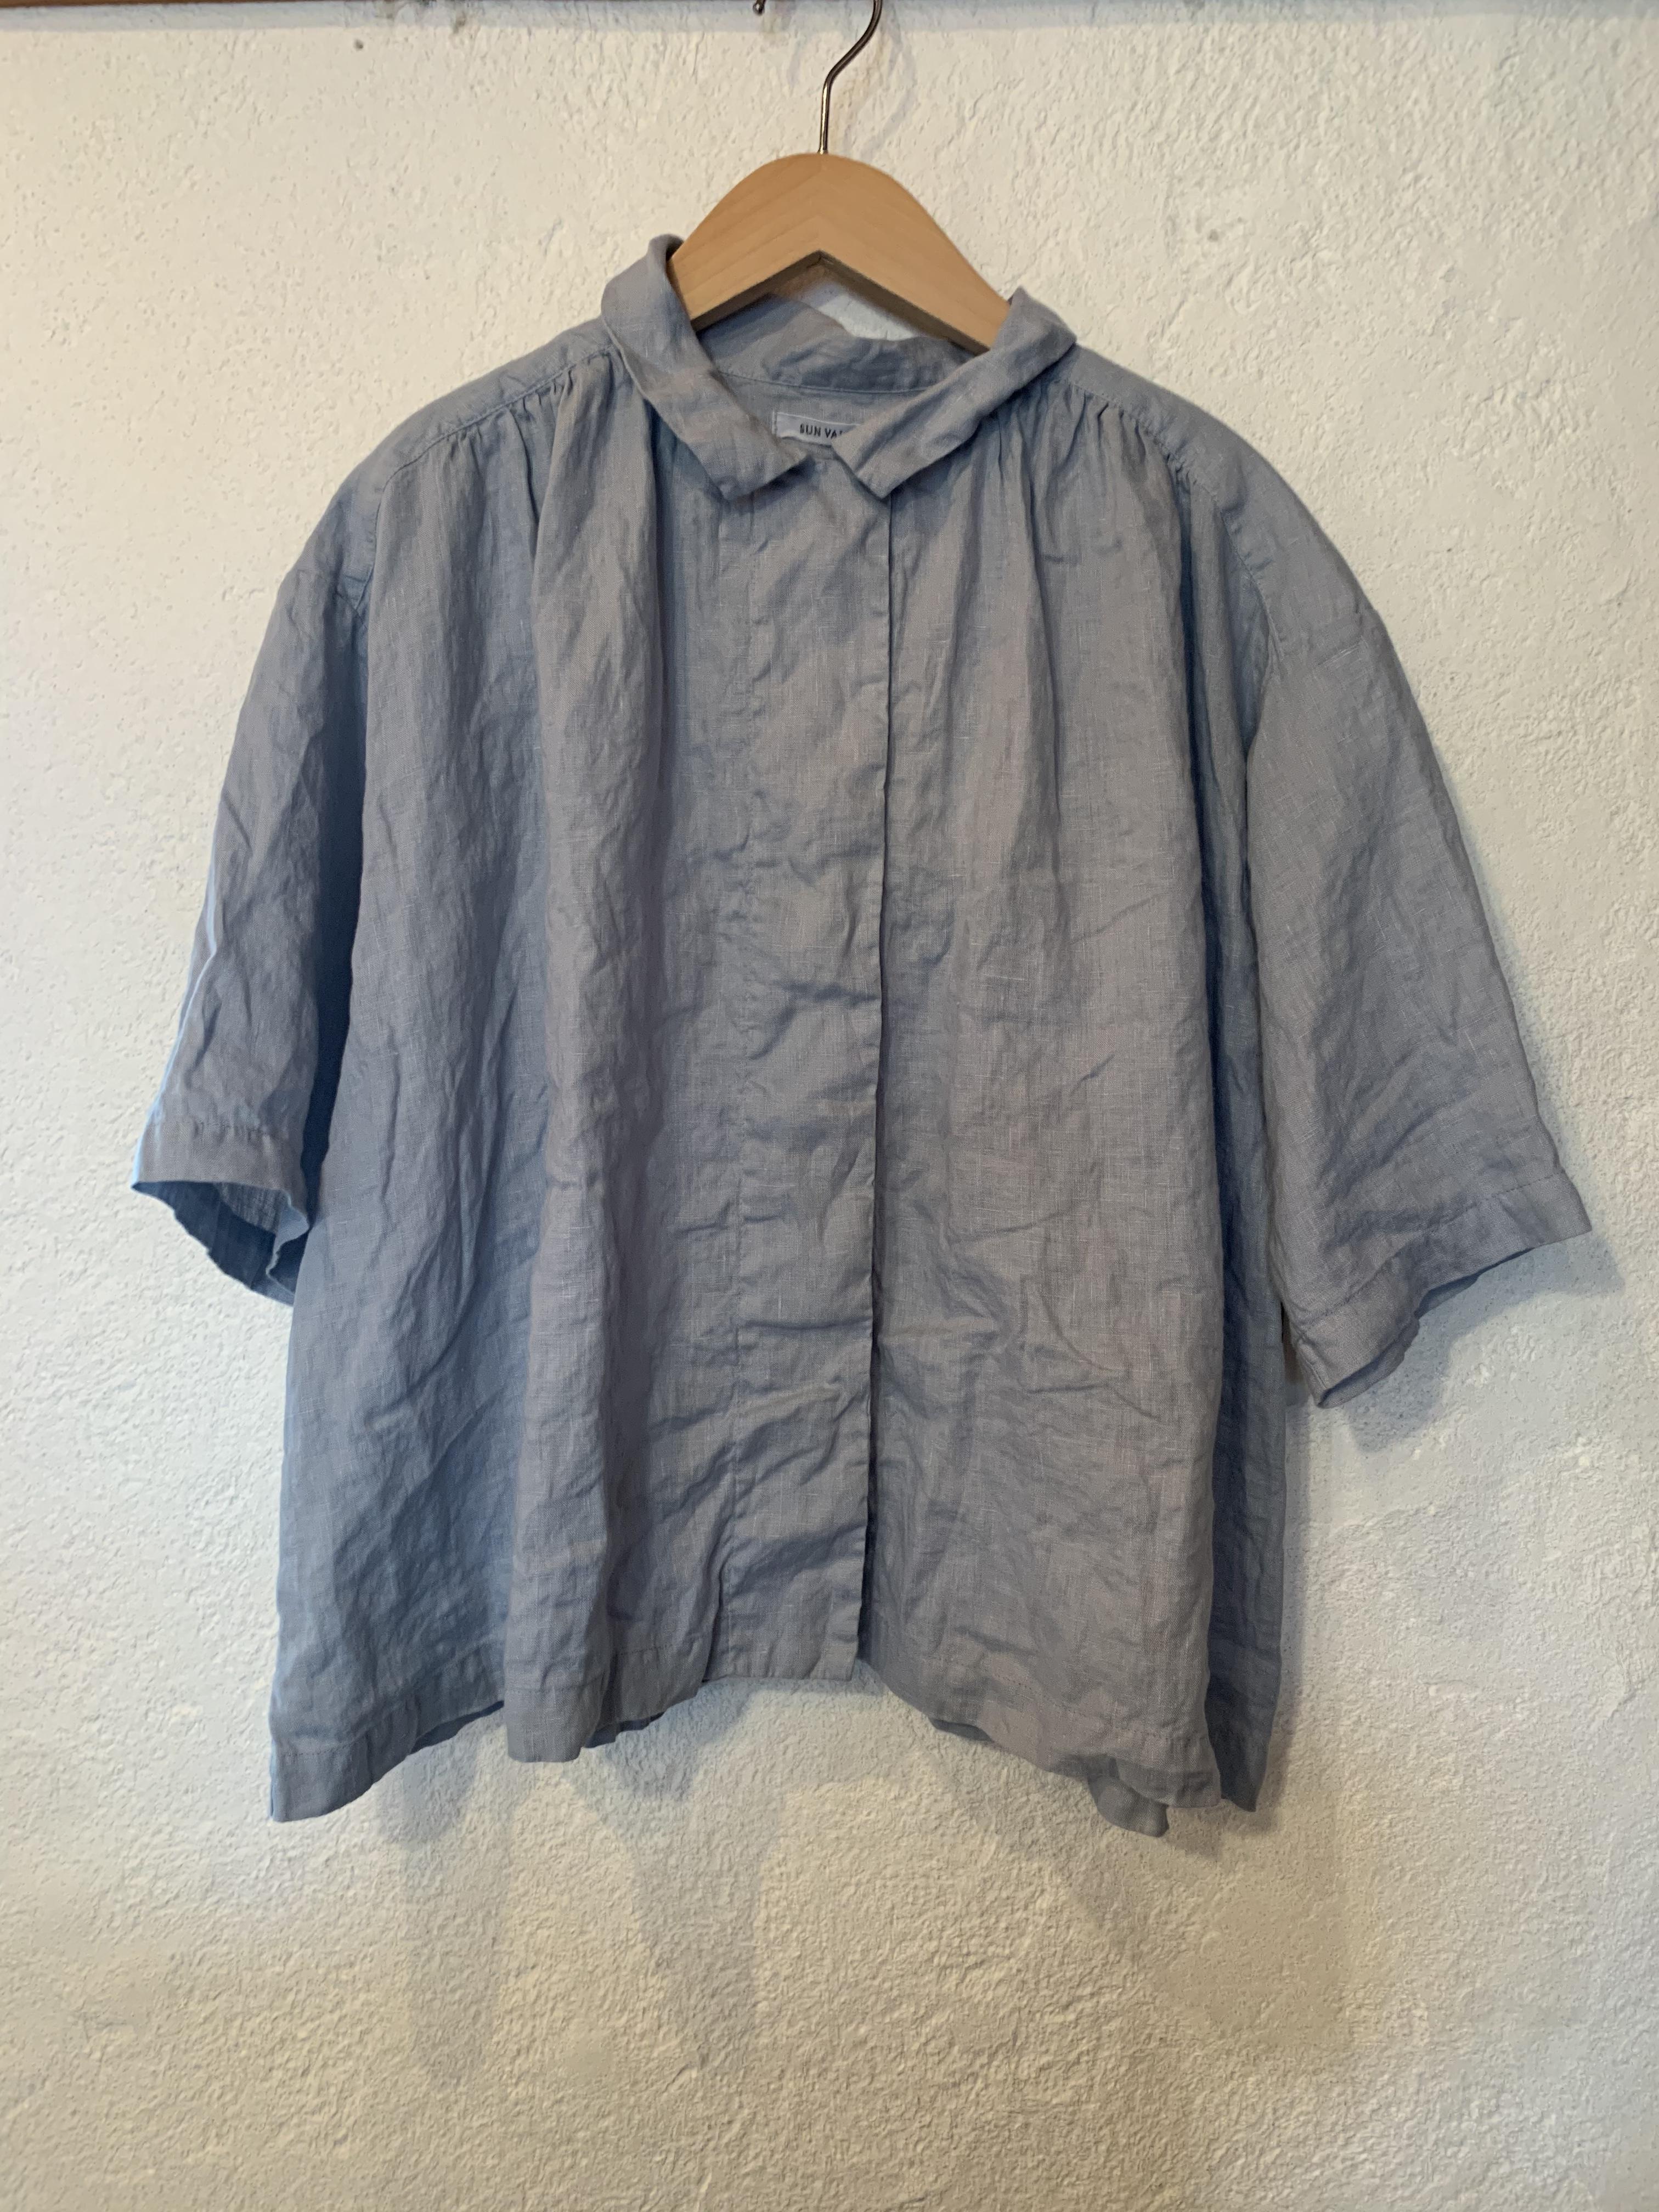 SUN VALLEY/製品染め フレンチリネン ギャザー シャツ